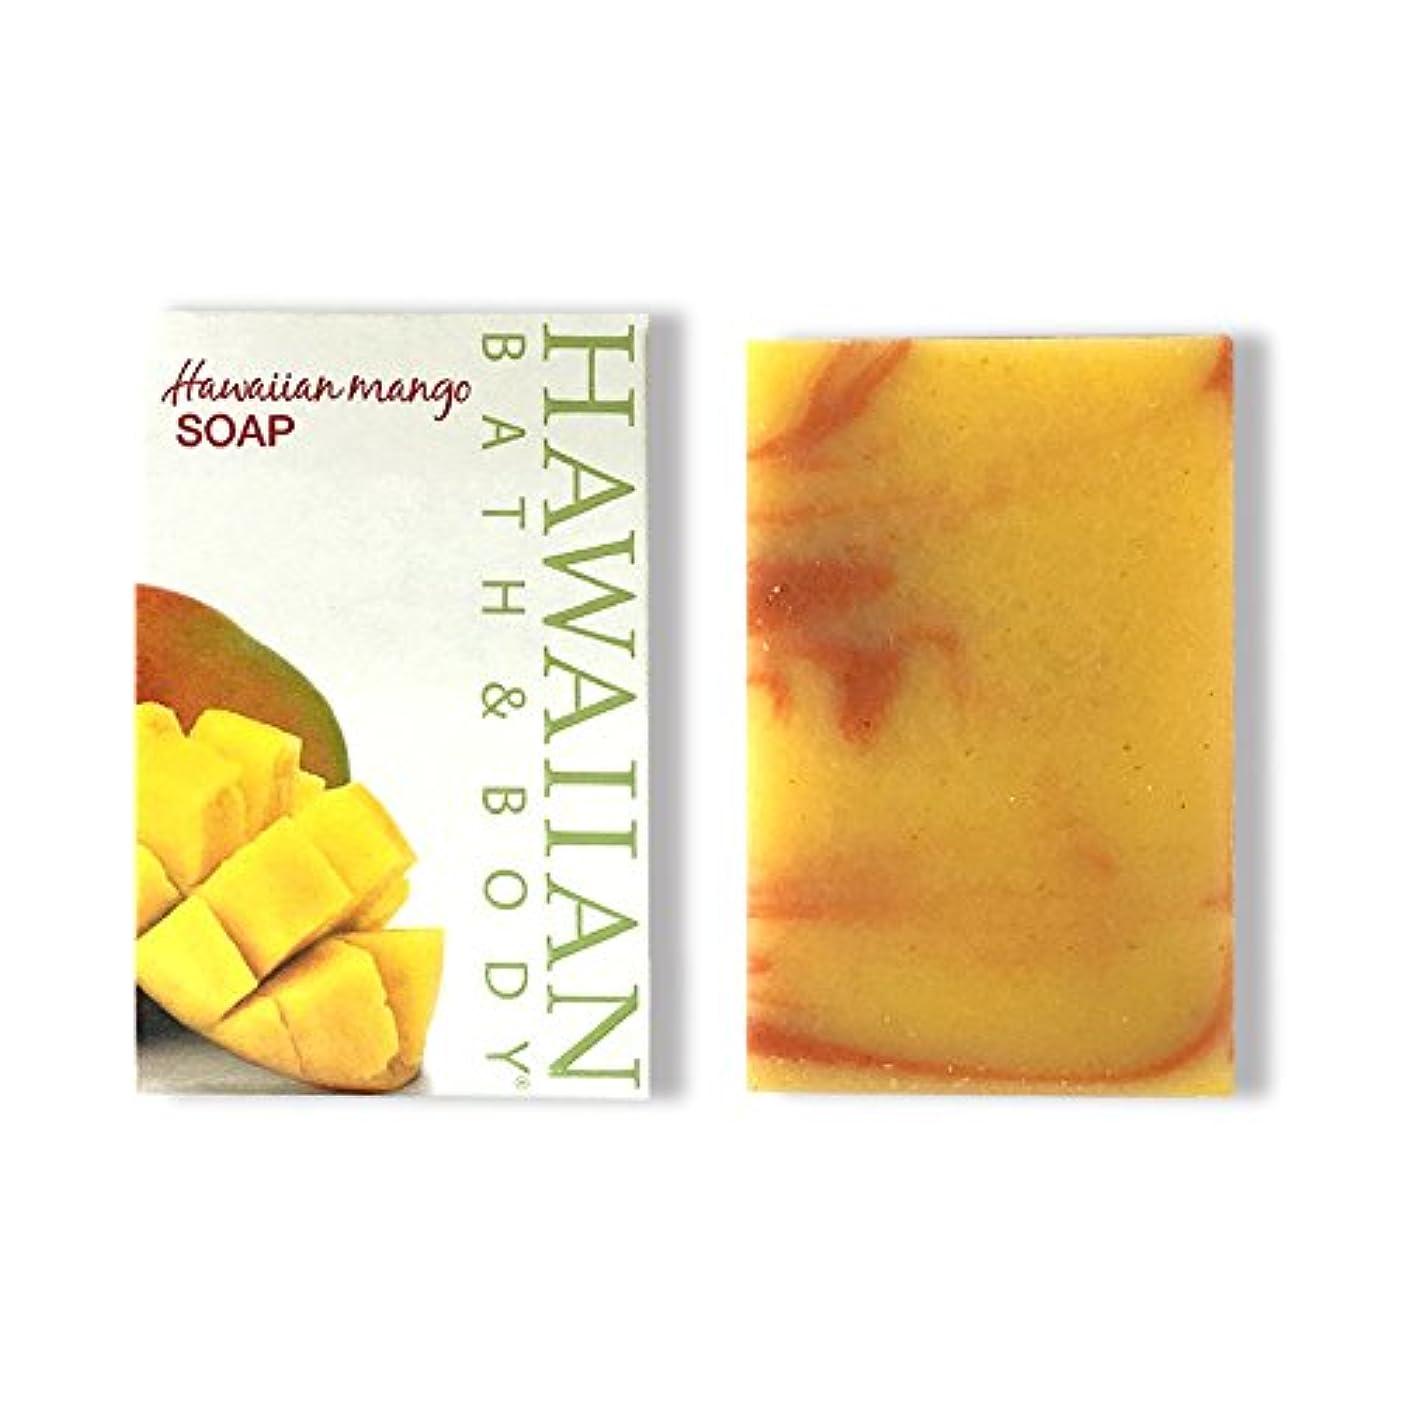 ハンサム憎しみアジア人ハワイアンバス&ボディ ハワイアンマンゴーソープ ( Hawaiian Mango Soap )